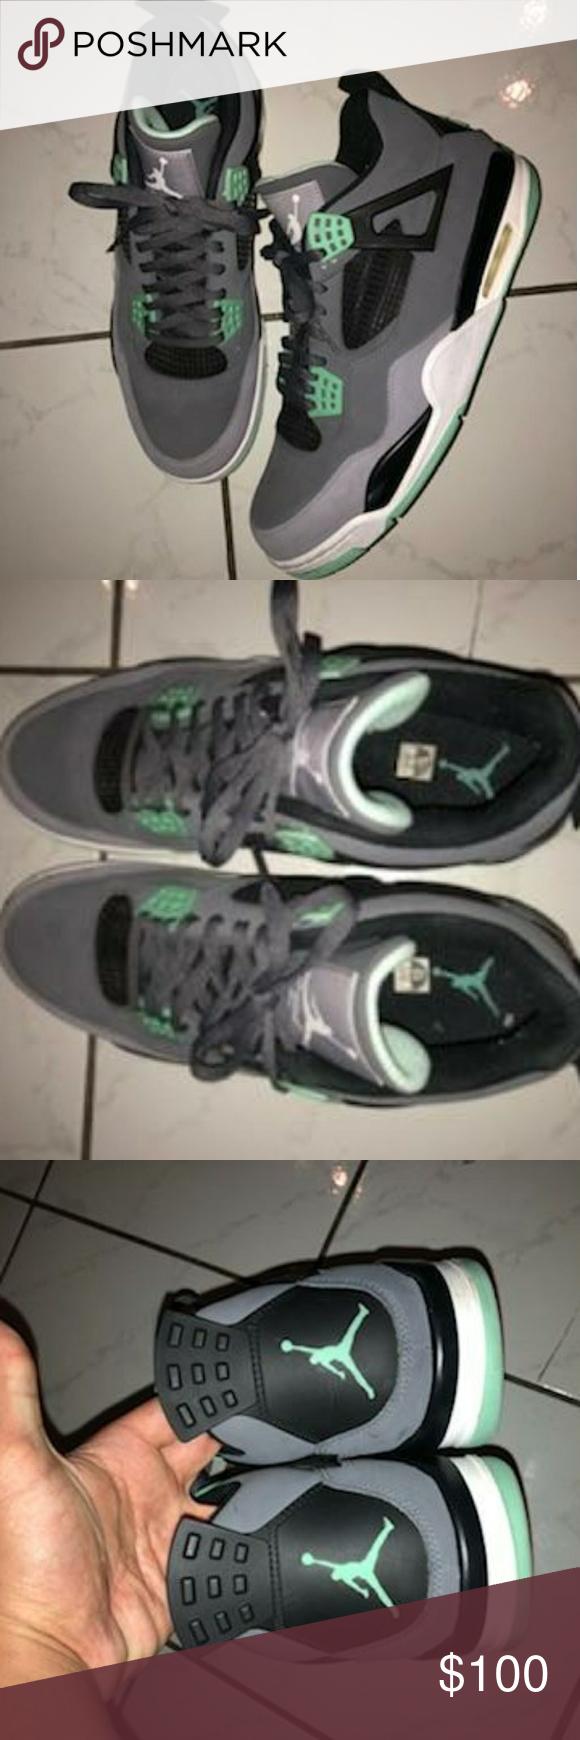 493815dee638d3 ... jordan green glow 4s size 13 vnds size 13 jordan shoes sneakers